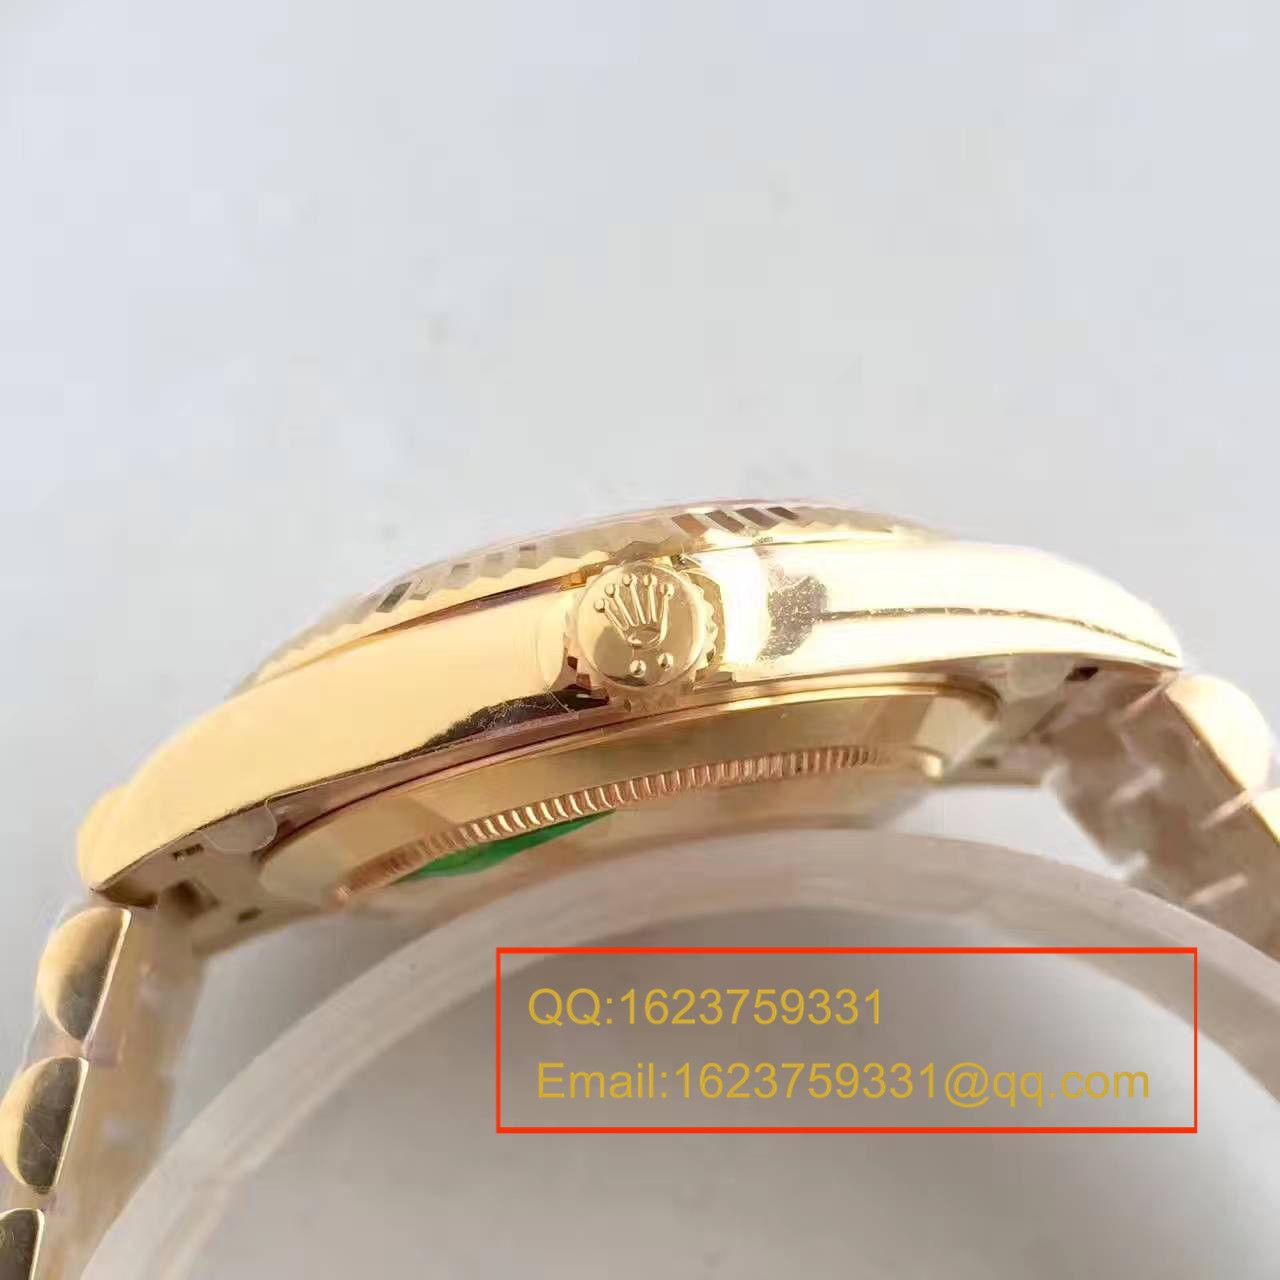 【N厂一比一精仿手表】劳力士星期日历型系列218238-83218 香槟色表盘腕表 / RBE168